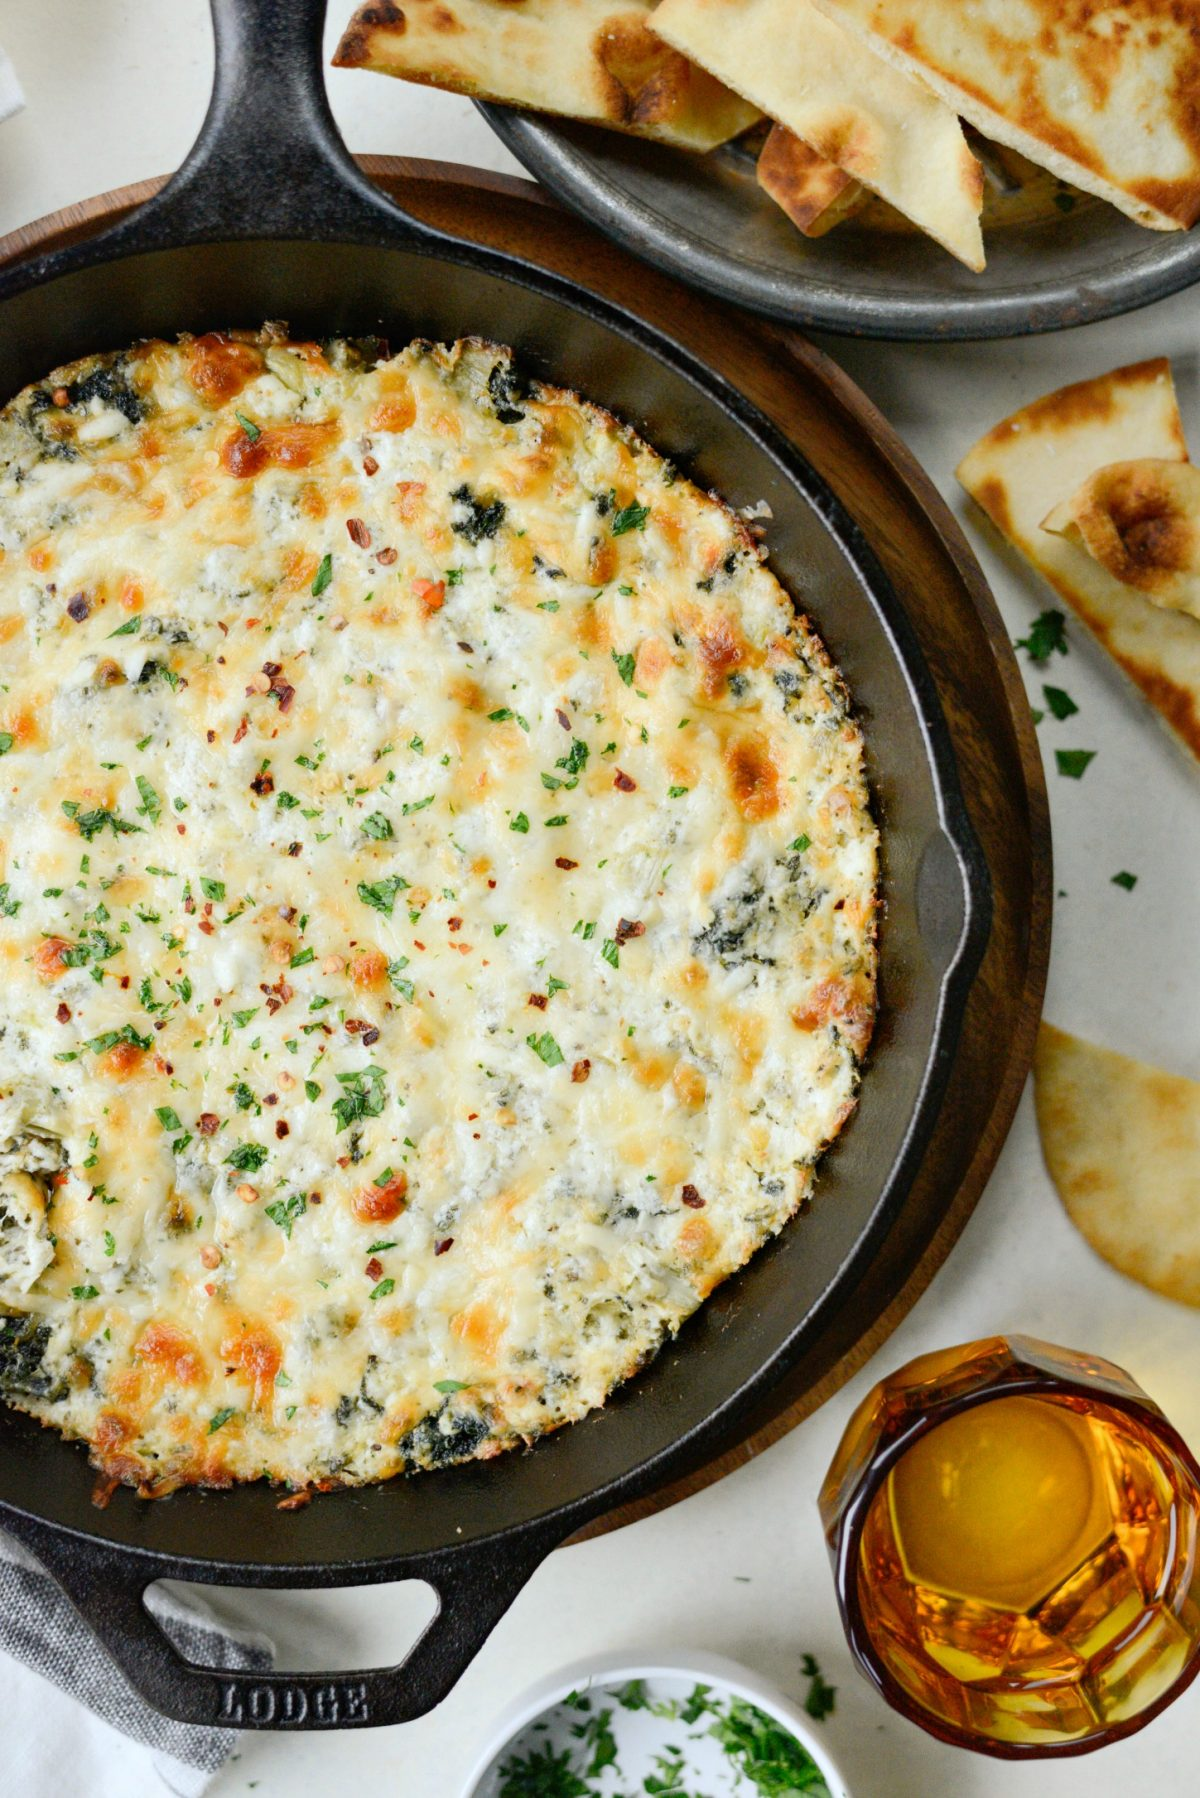 Hot Four Cheese Spinach Artichoke Dip l SimplyScratch.com (13)